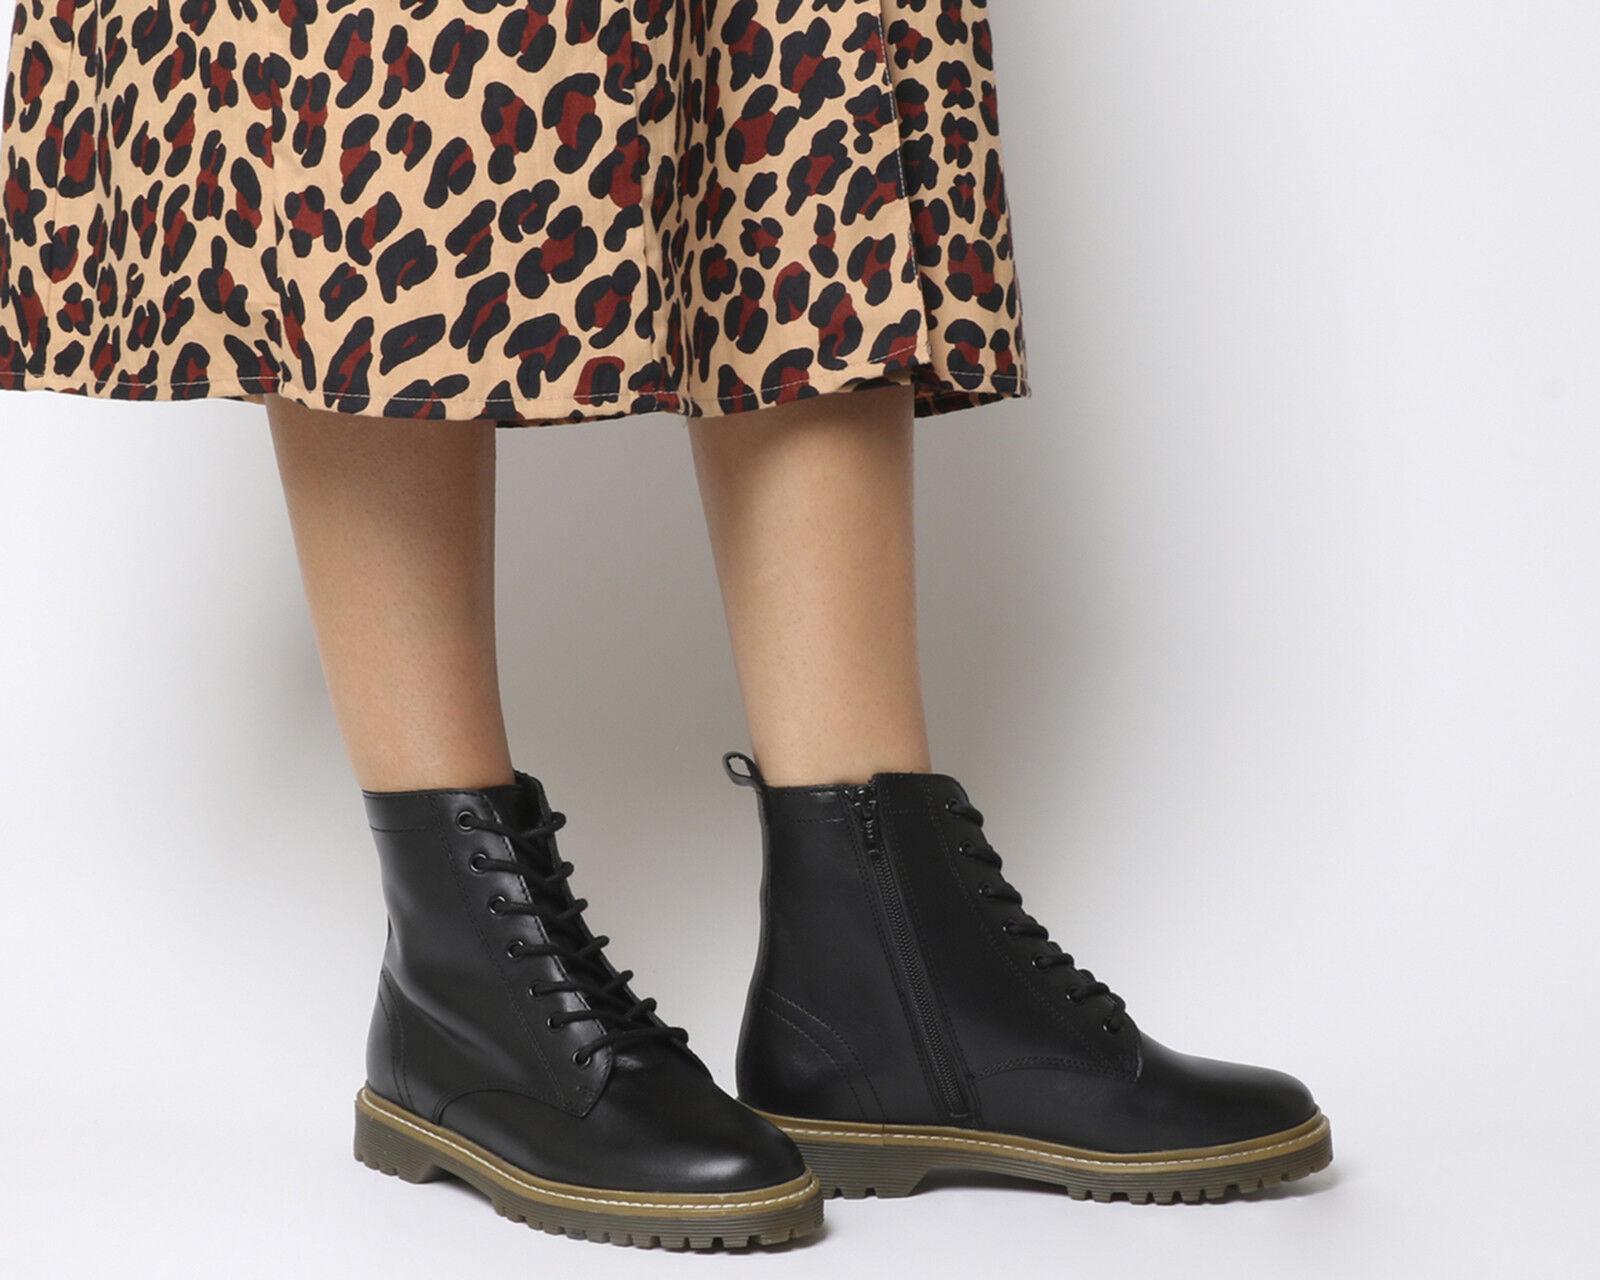 Oficina para mujer botas con Cordones Suela Acanalado Acanalado Acanalado Aston botas De Cuero Negro  encuentra tu favorito aquí